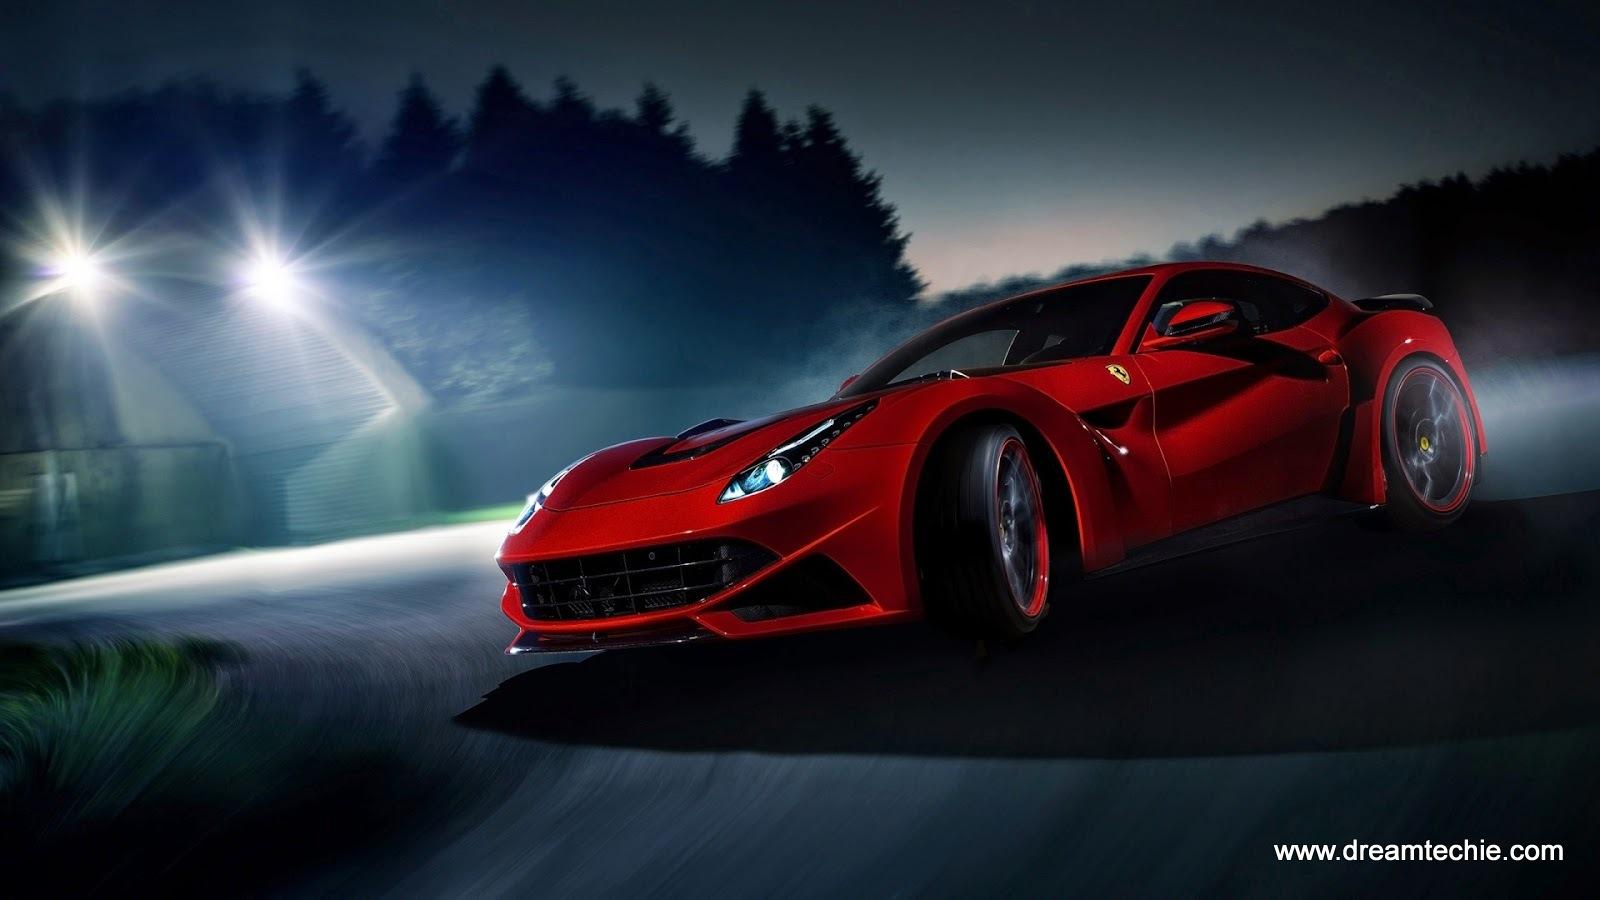 ... Ferrari Car Hd Wallpaper ...